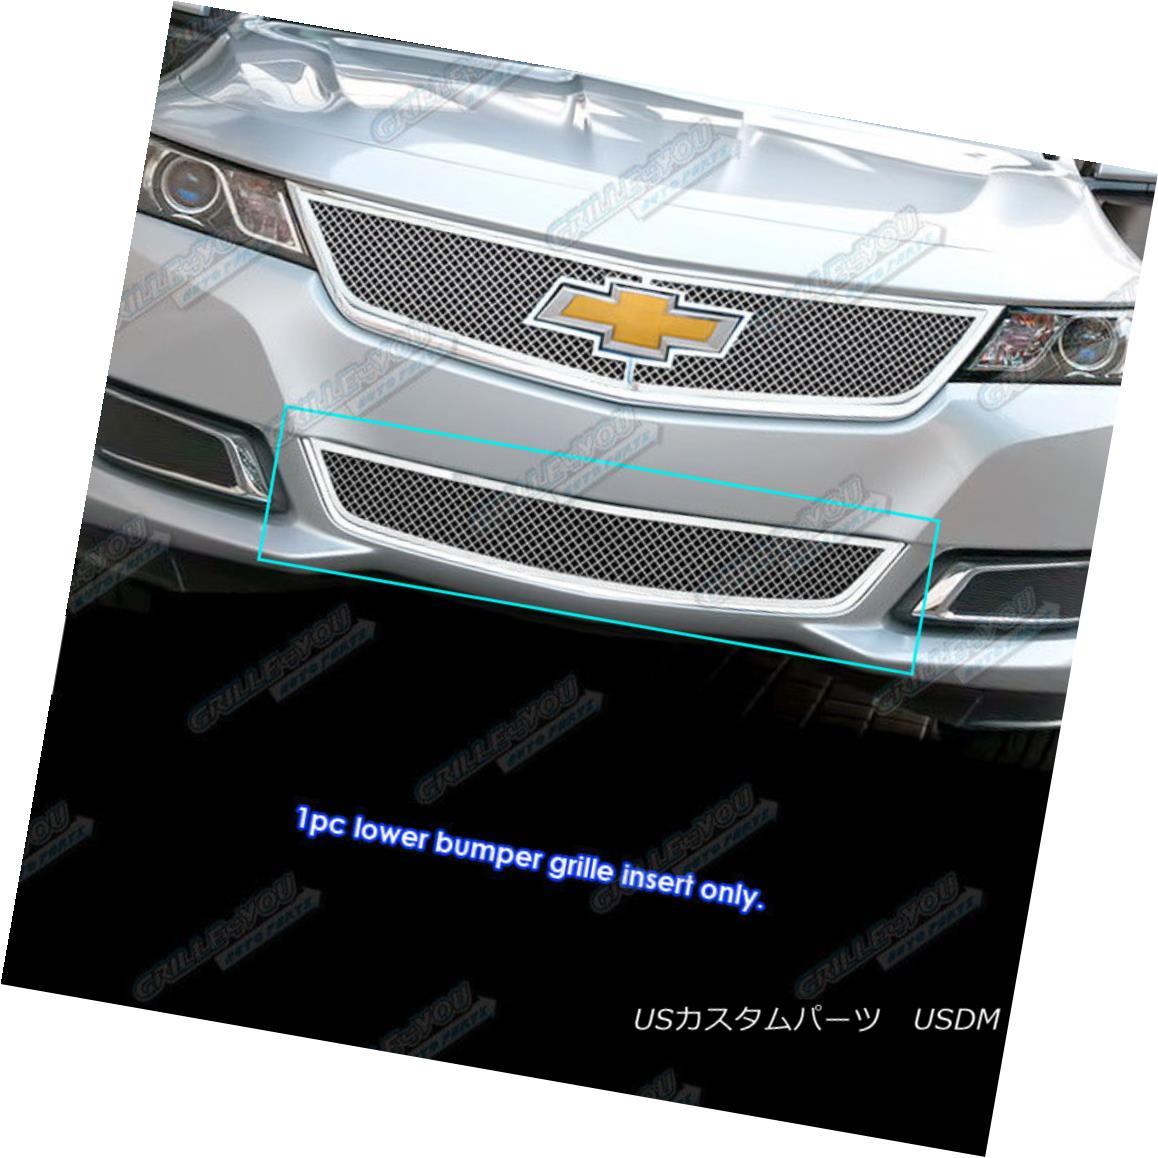 グリル Fits 2014-2018 Chevy Impala Stainless Lower Bumper Mesh Grille Insert フィット2014-2018シボレーインパラステンレスロワーバンパーメッシュグリルインサート